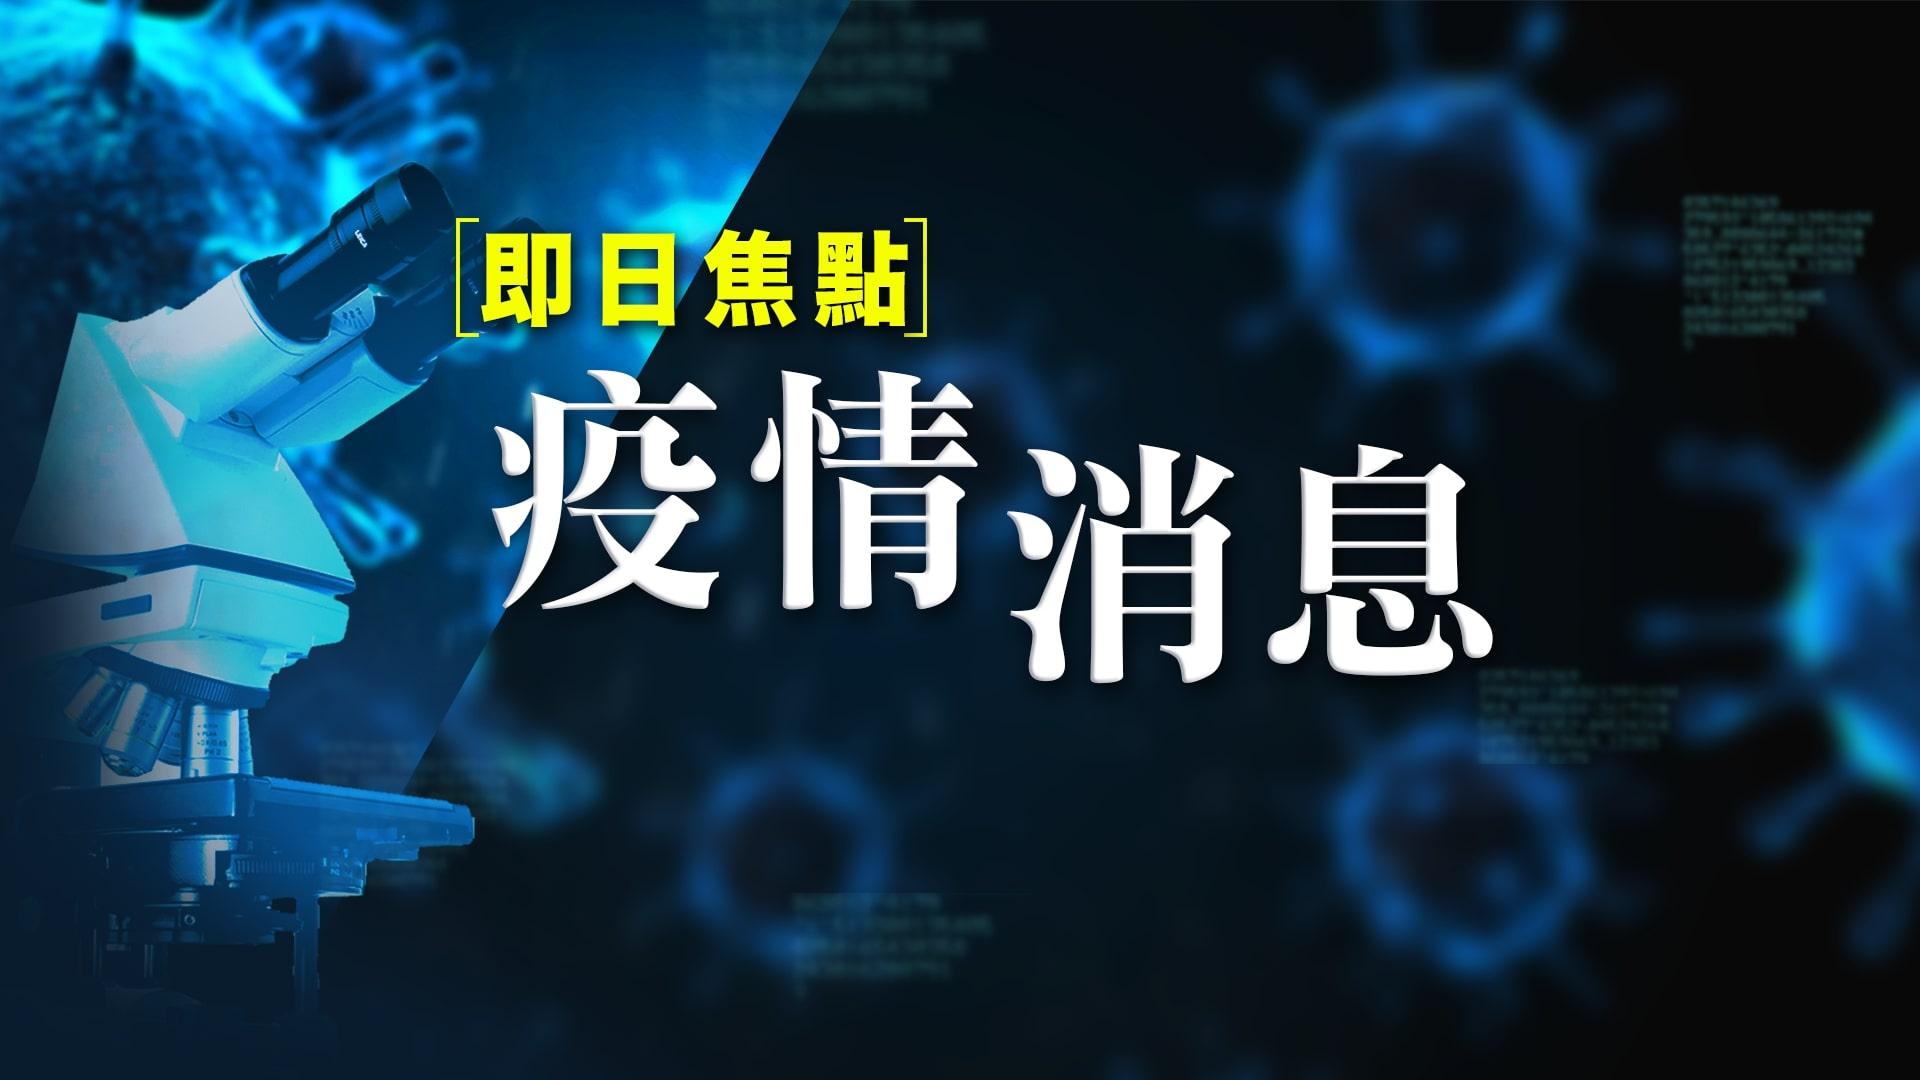 【即日焦點‧疫情消息】衞生署首次確認新型冠狀病毒在港人傳人;據報特朗普批准暫豁免新藥專利 外交部斥美限制入境散布恐慌